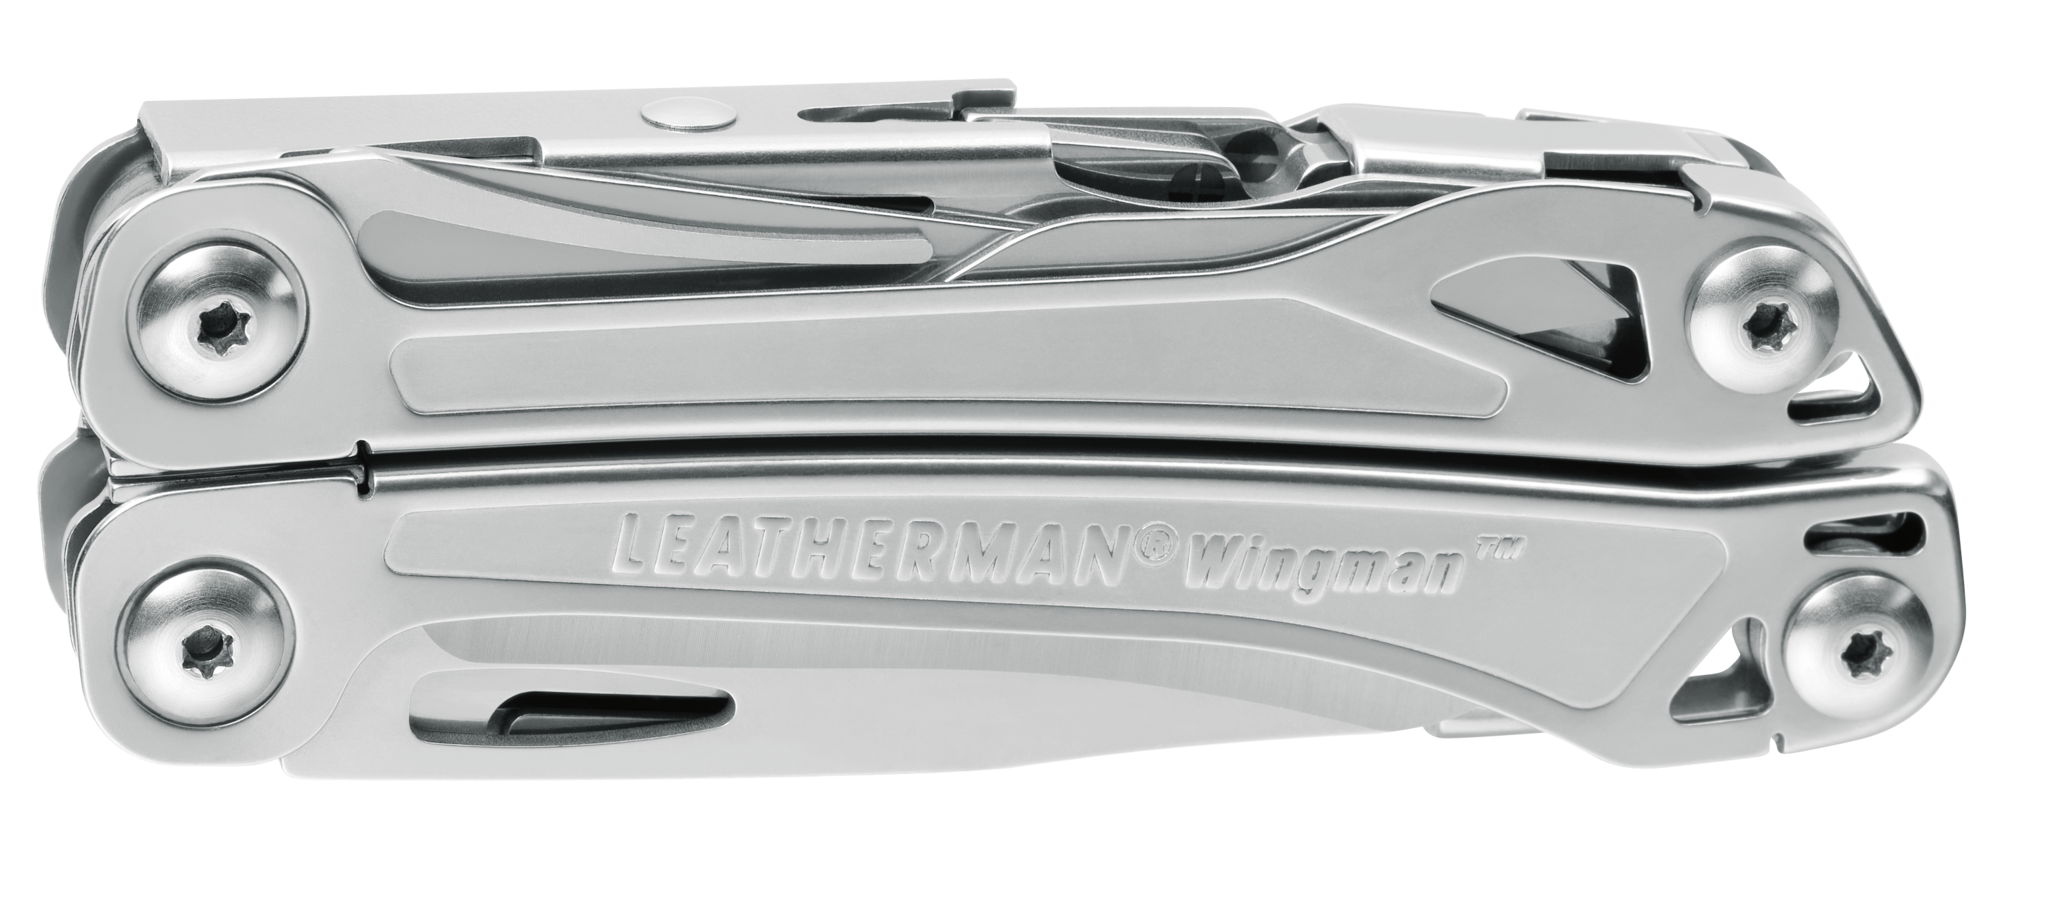 Уценка! Мультитул Leatherman Wingman, 14 функций, нейлоновый чехол